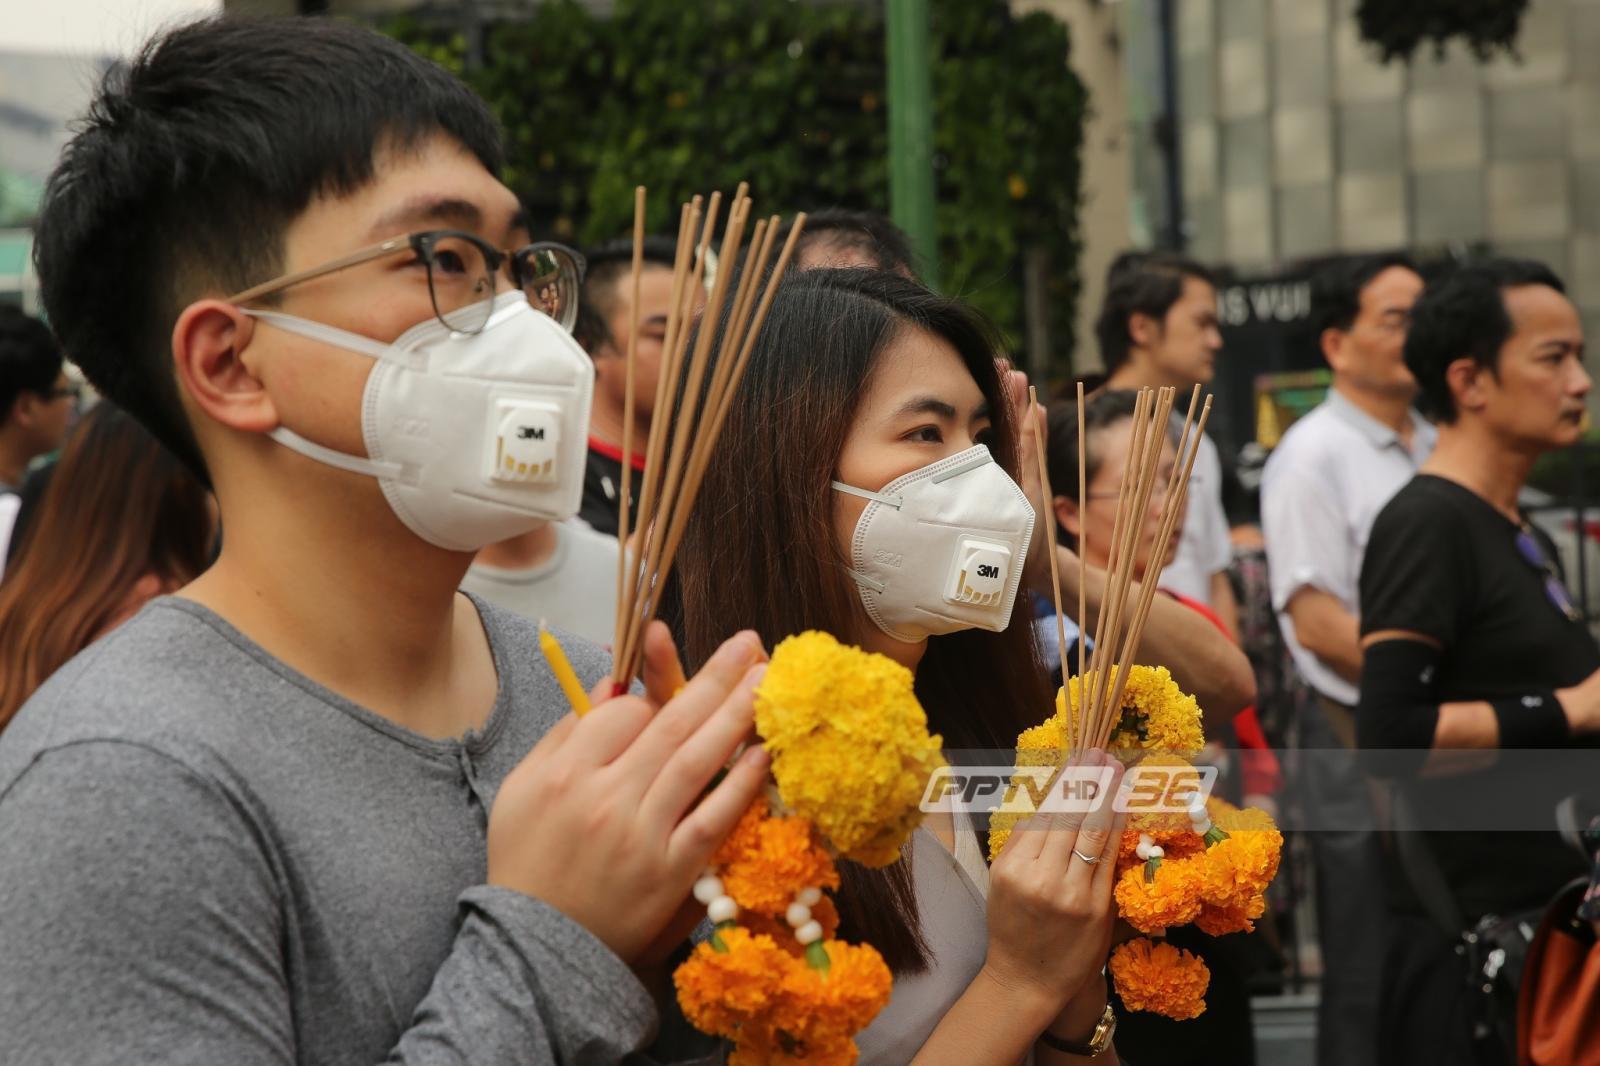 ไม่จุดธูป..สักการะท้าวมหาพรหมแบบปลอด PM2.5